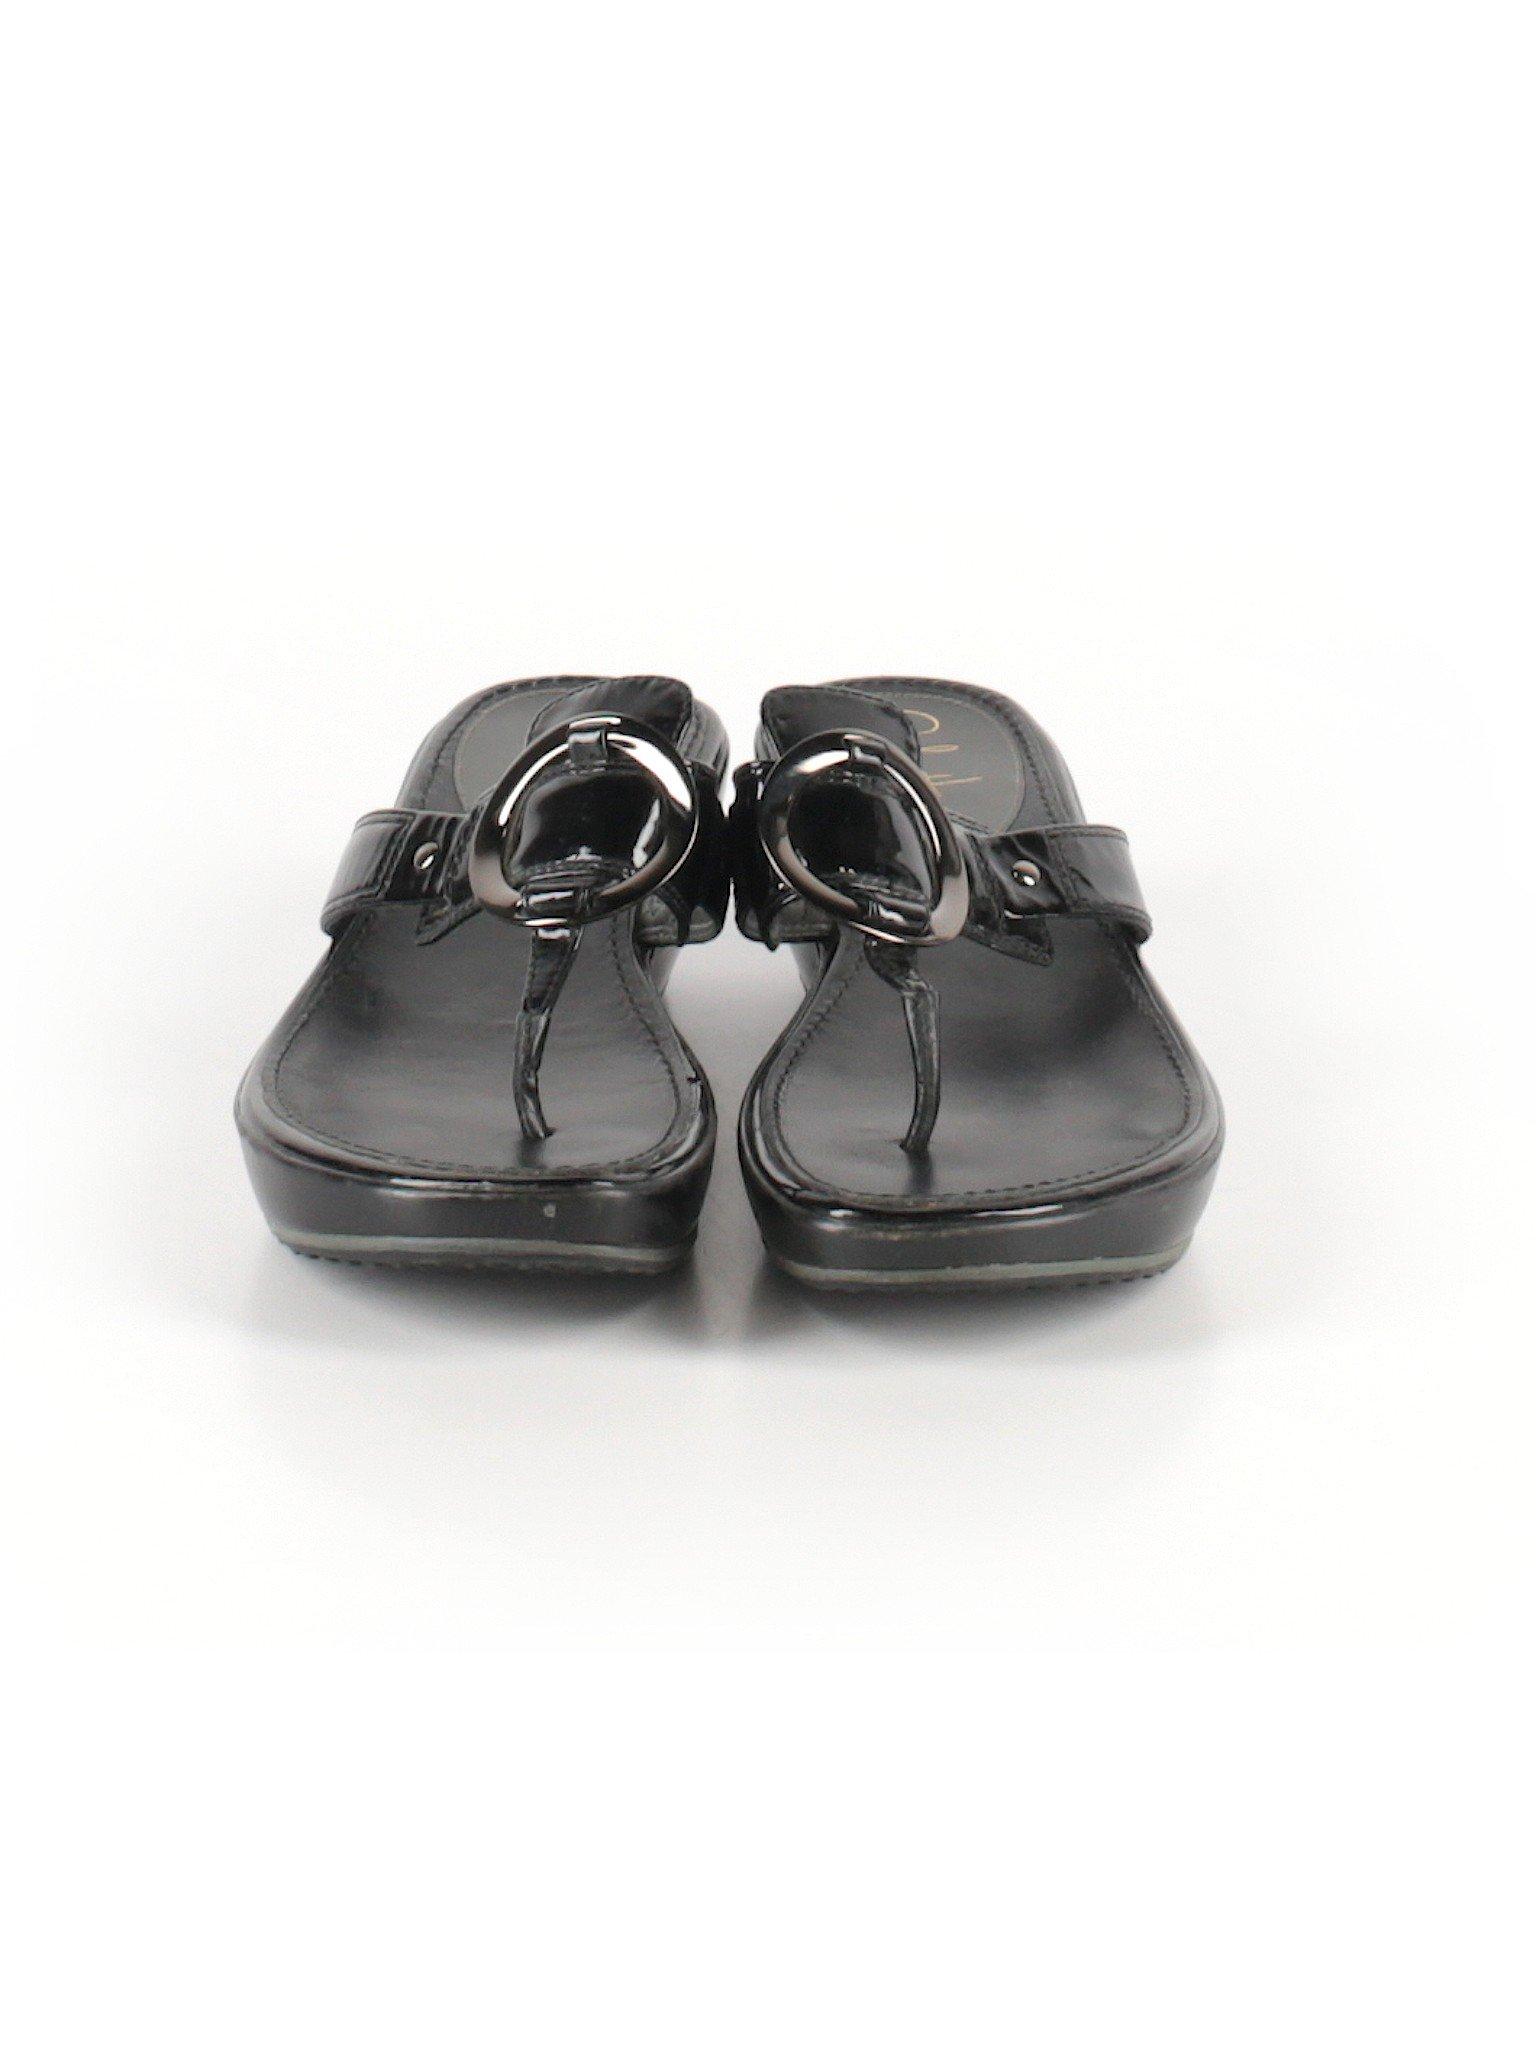 Boutique Haan Boutique promotion Cole Sandals promotion Hq5Uz8wUr